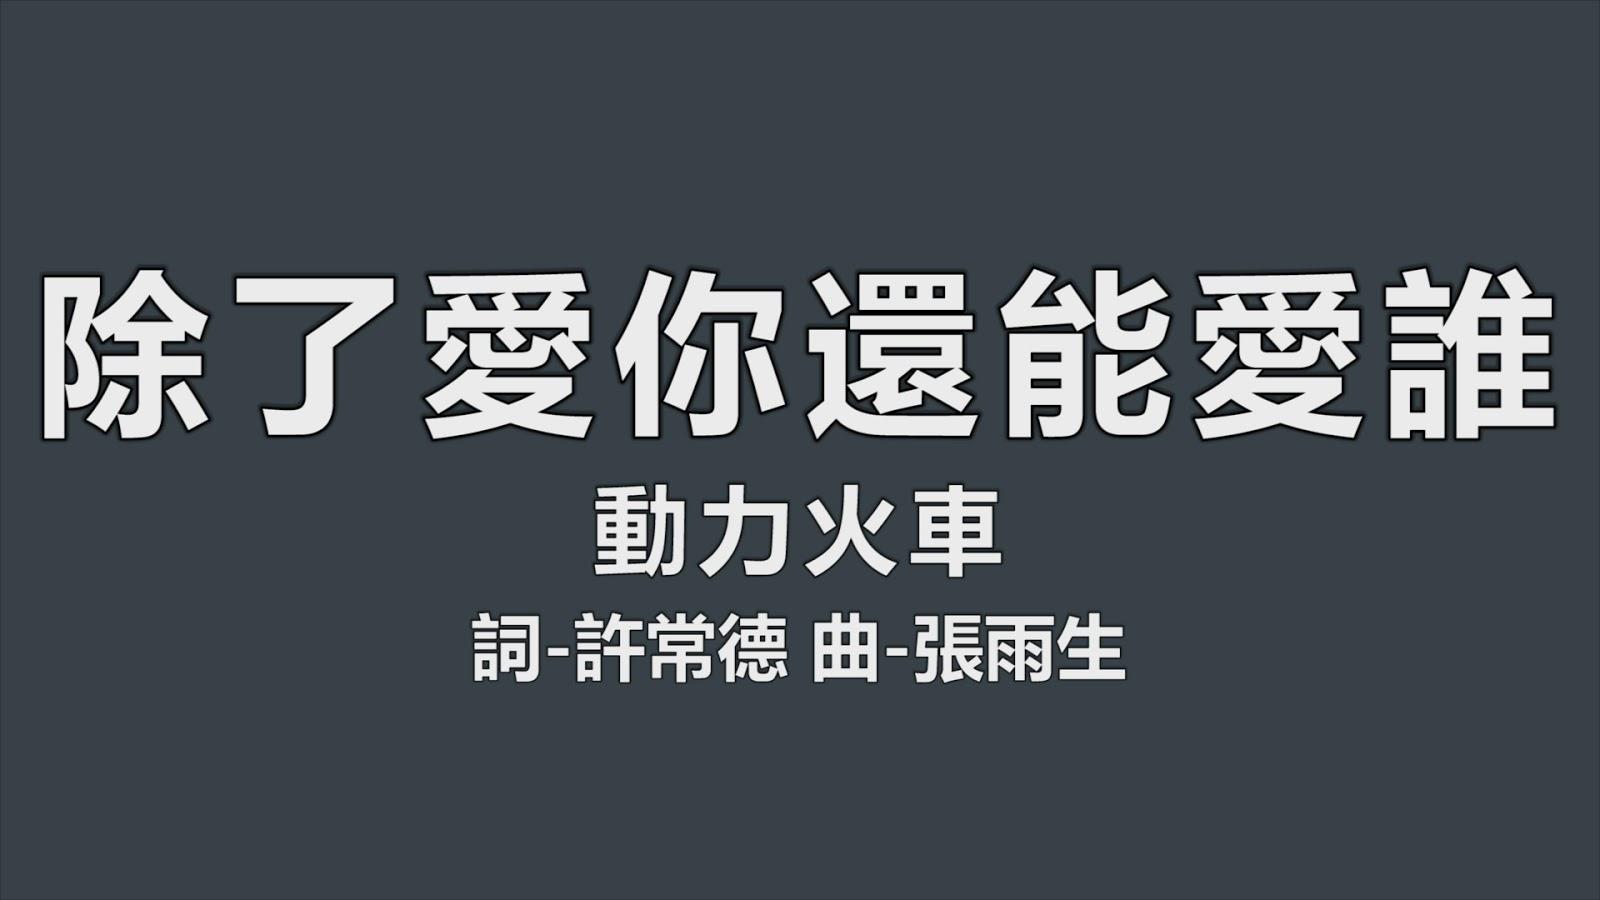 音樂暫留藝術: 動力火車 除了愛你還能愛誰【醇歌詞/Lyrics】